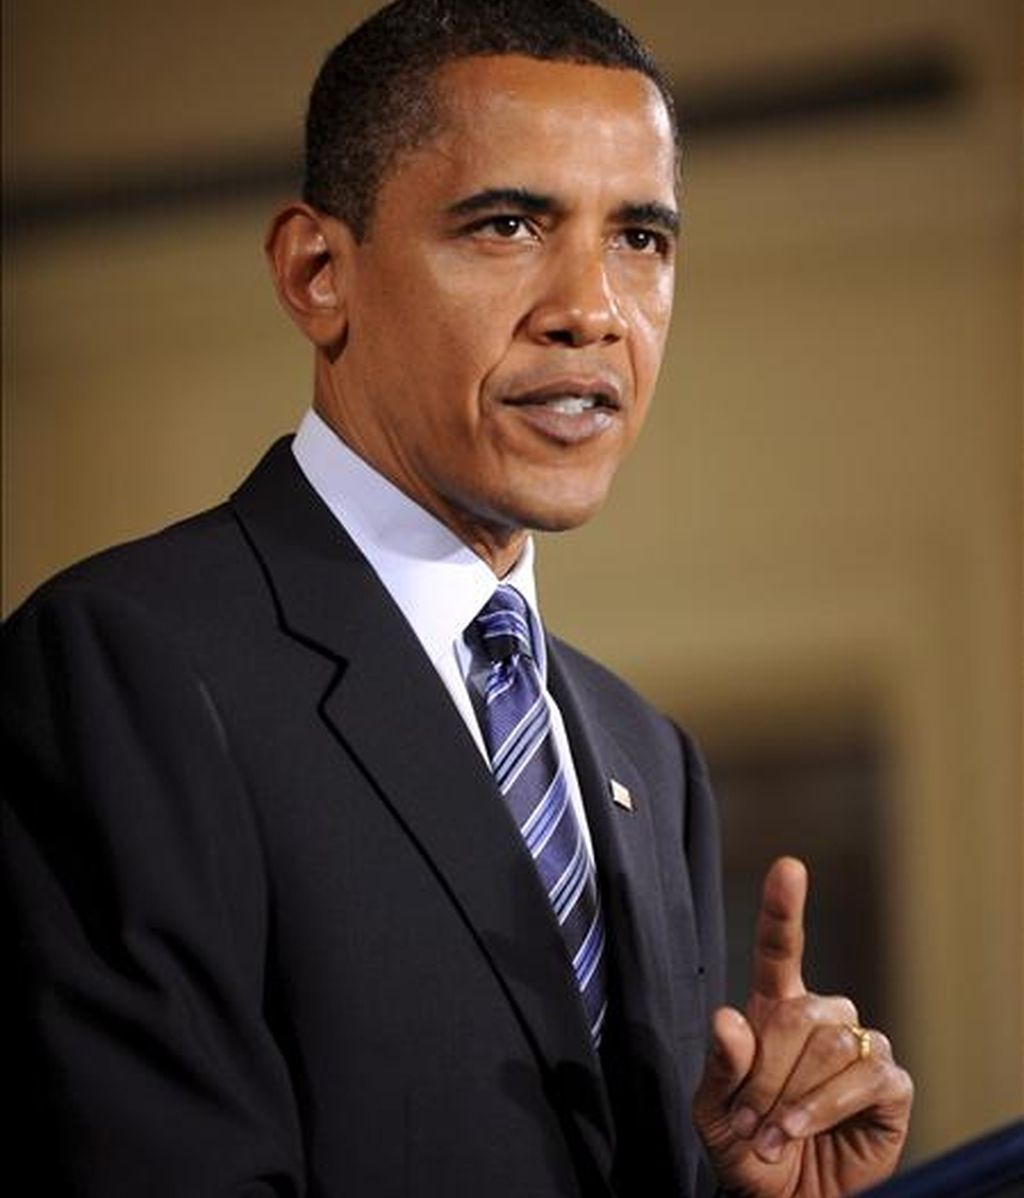 El presidente de los Estados Unidos, Barack Obama. EFE